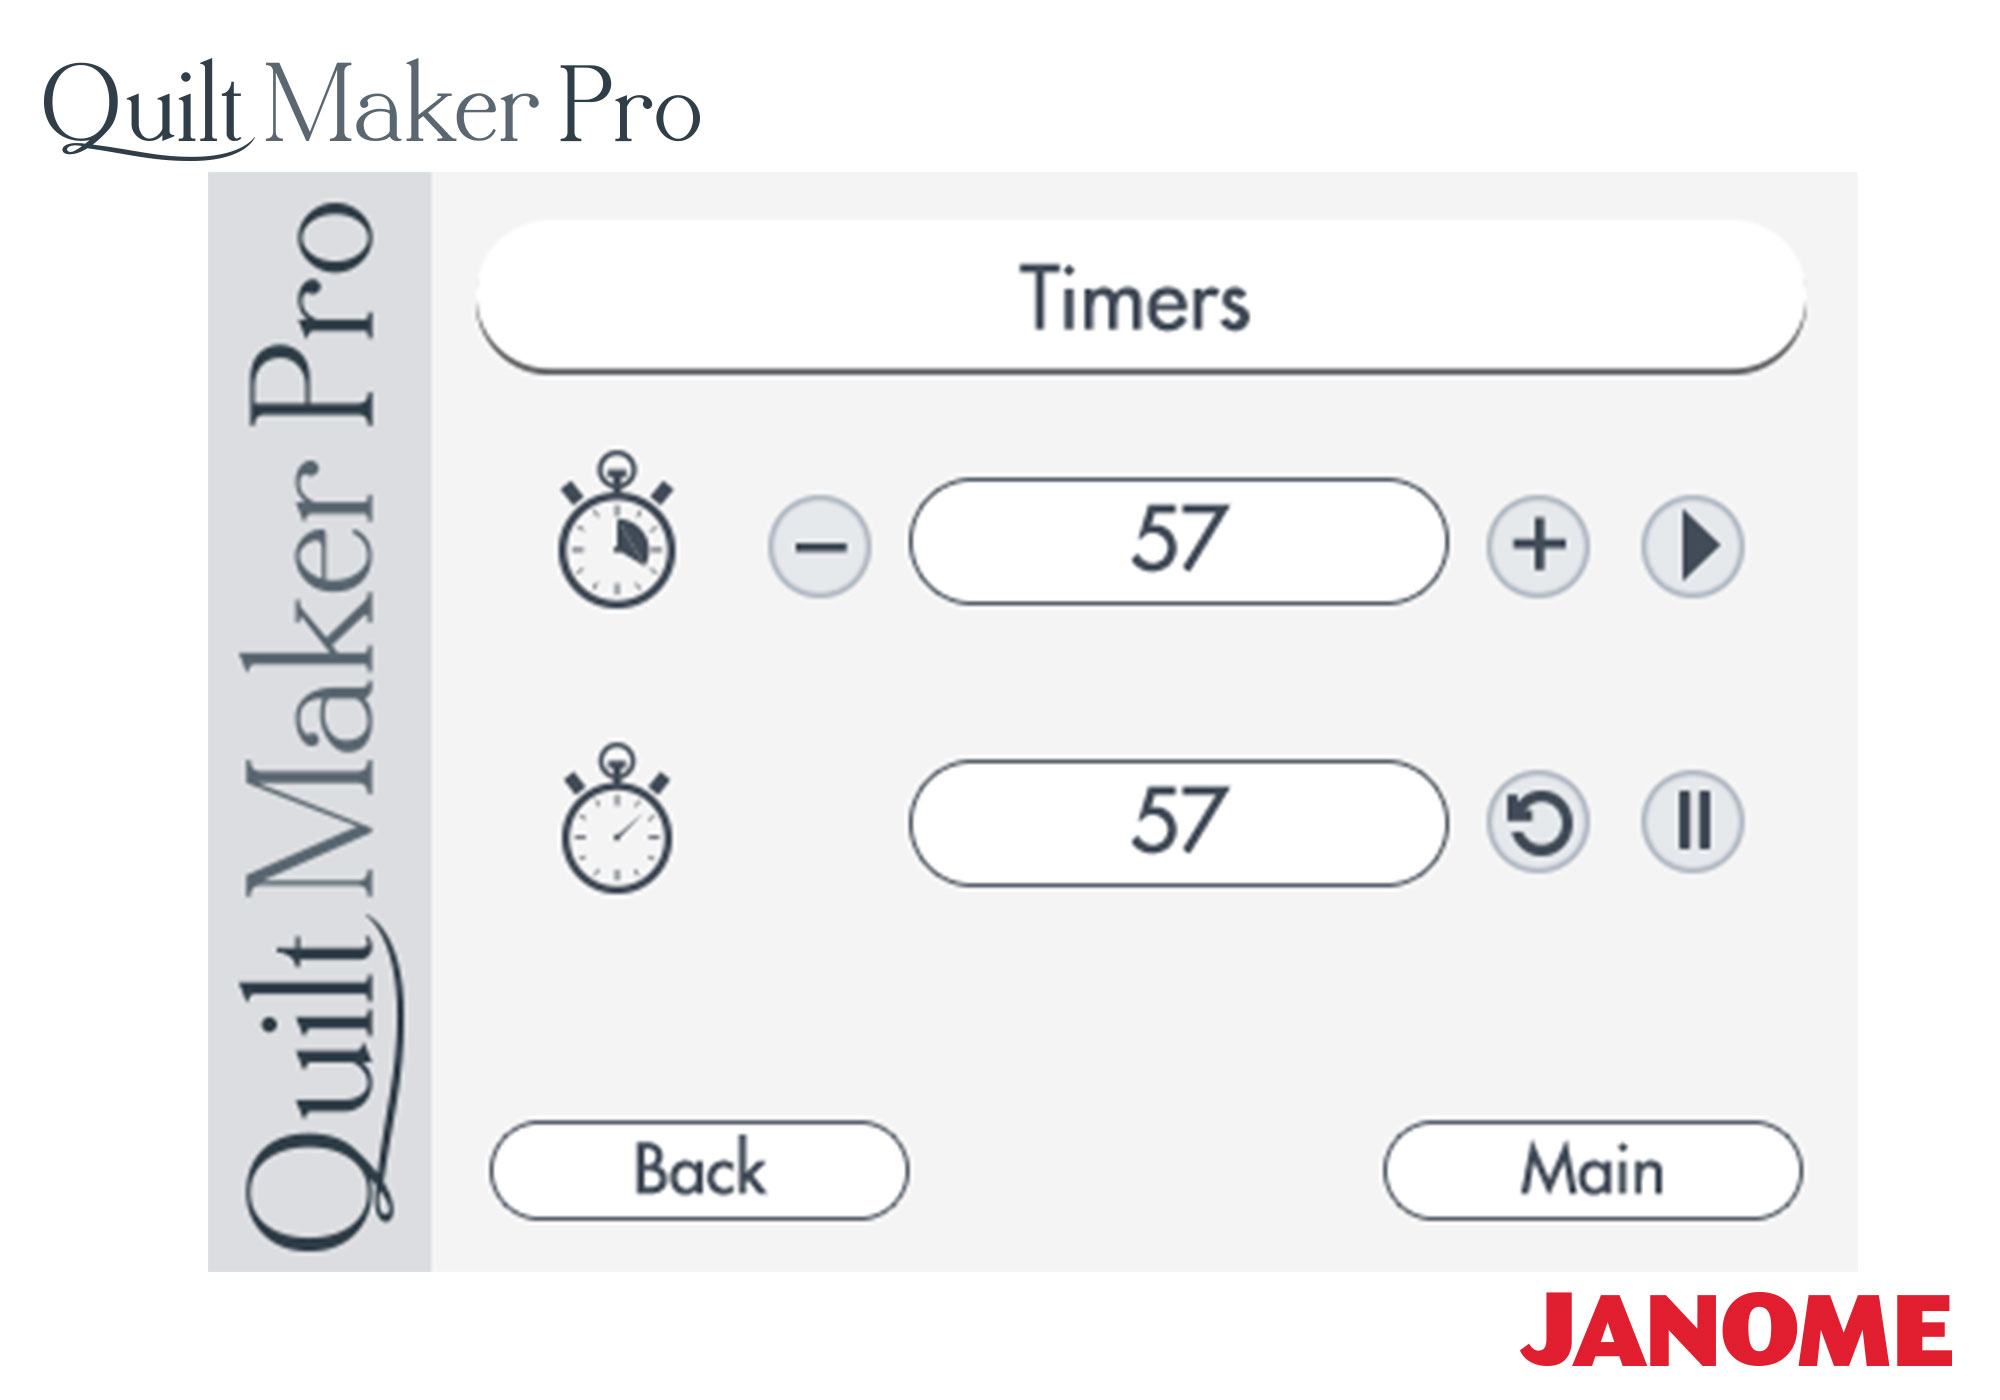 Janome Quilt Maker Pro 18 Long-arm Quilting Machine